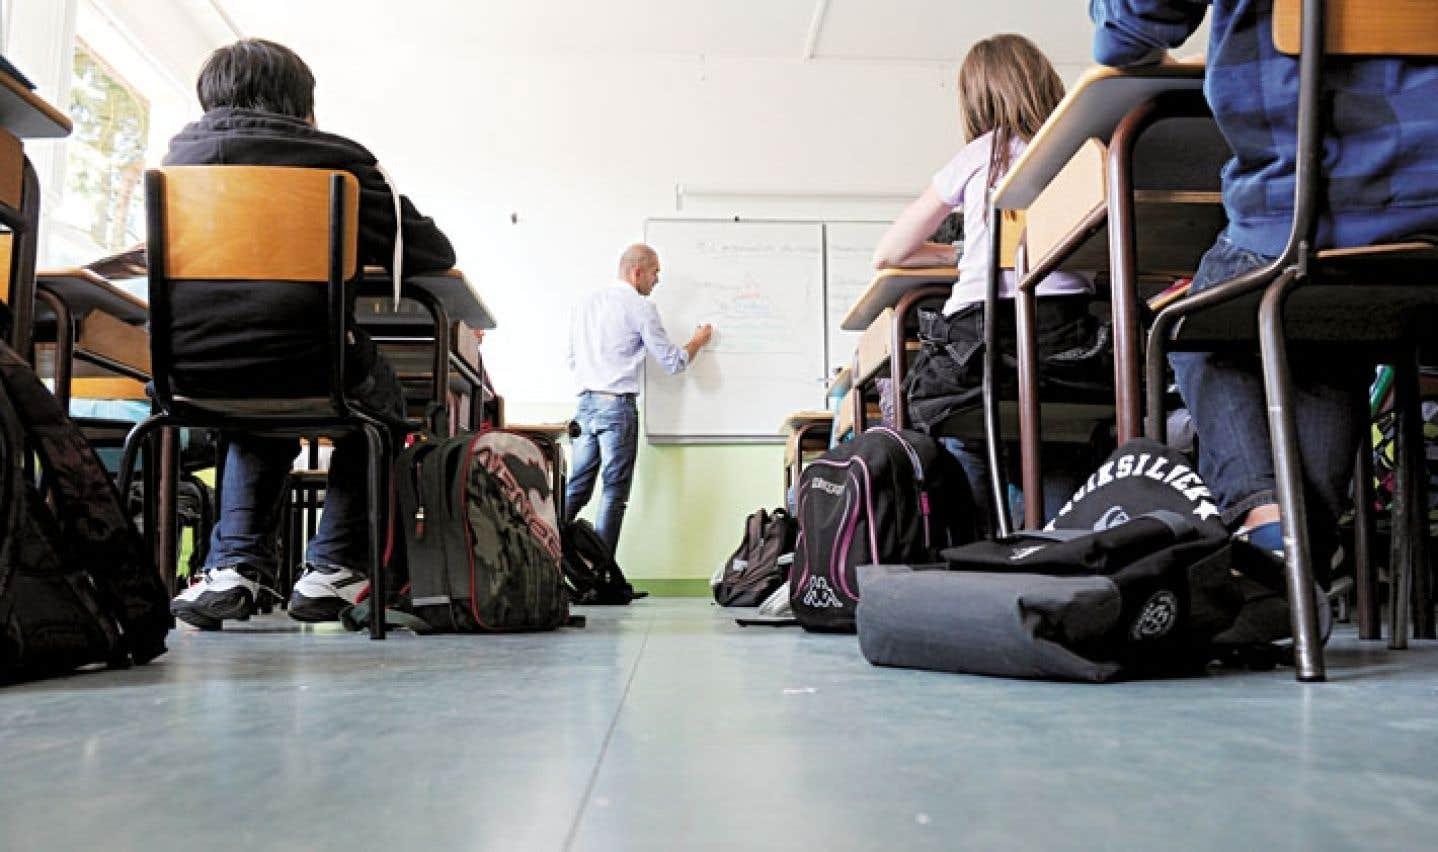 Des experts s'entendent pour dire que, en France comme au Québec, «il faut conjuguer bienveillance et exigence, ainsi qu'exigence et soutien élevé» auprès des élèves.